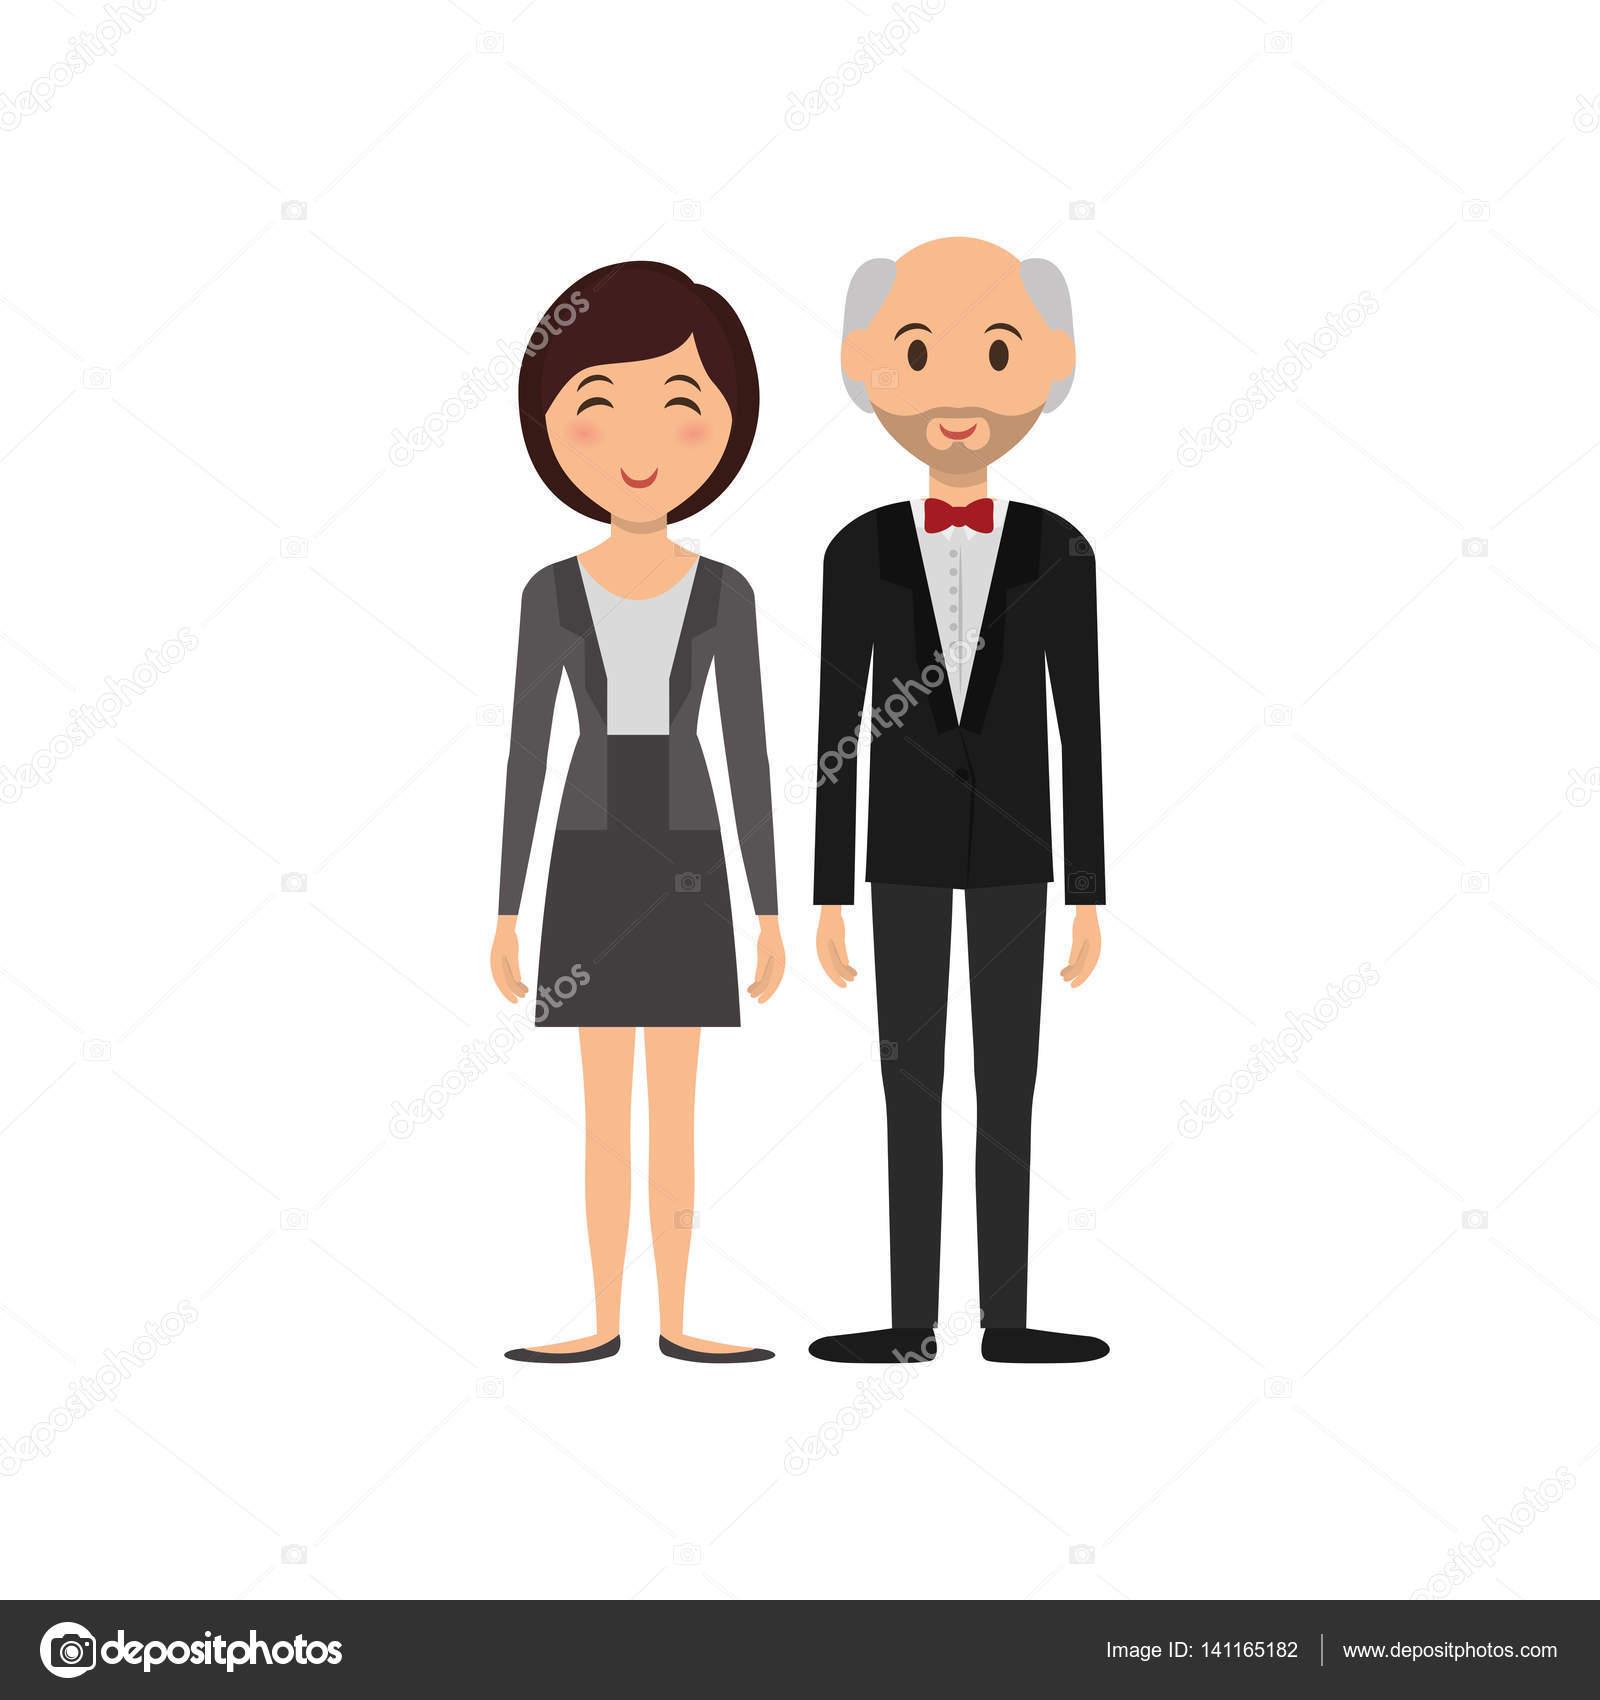 Couple mignon dessin animé icône vector illustration graphisme vecteur par djv